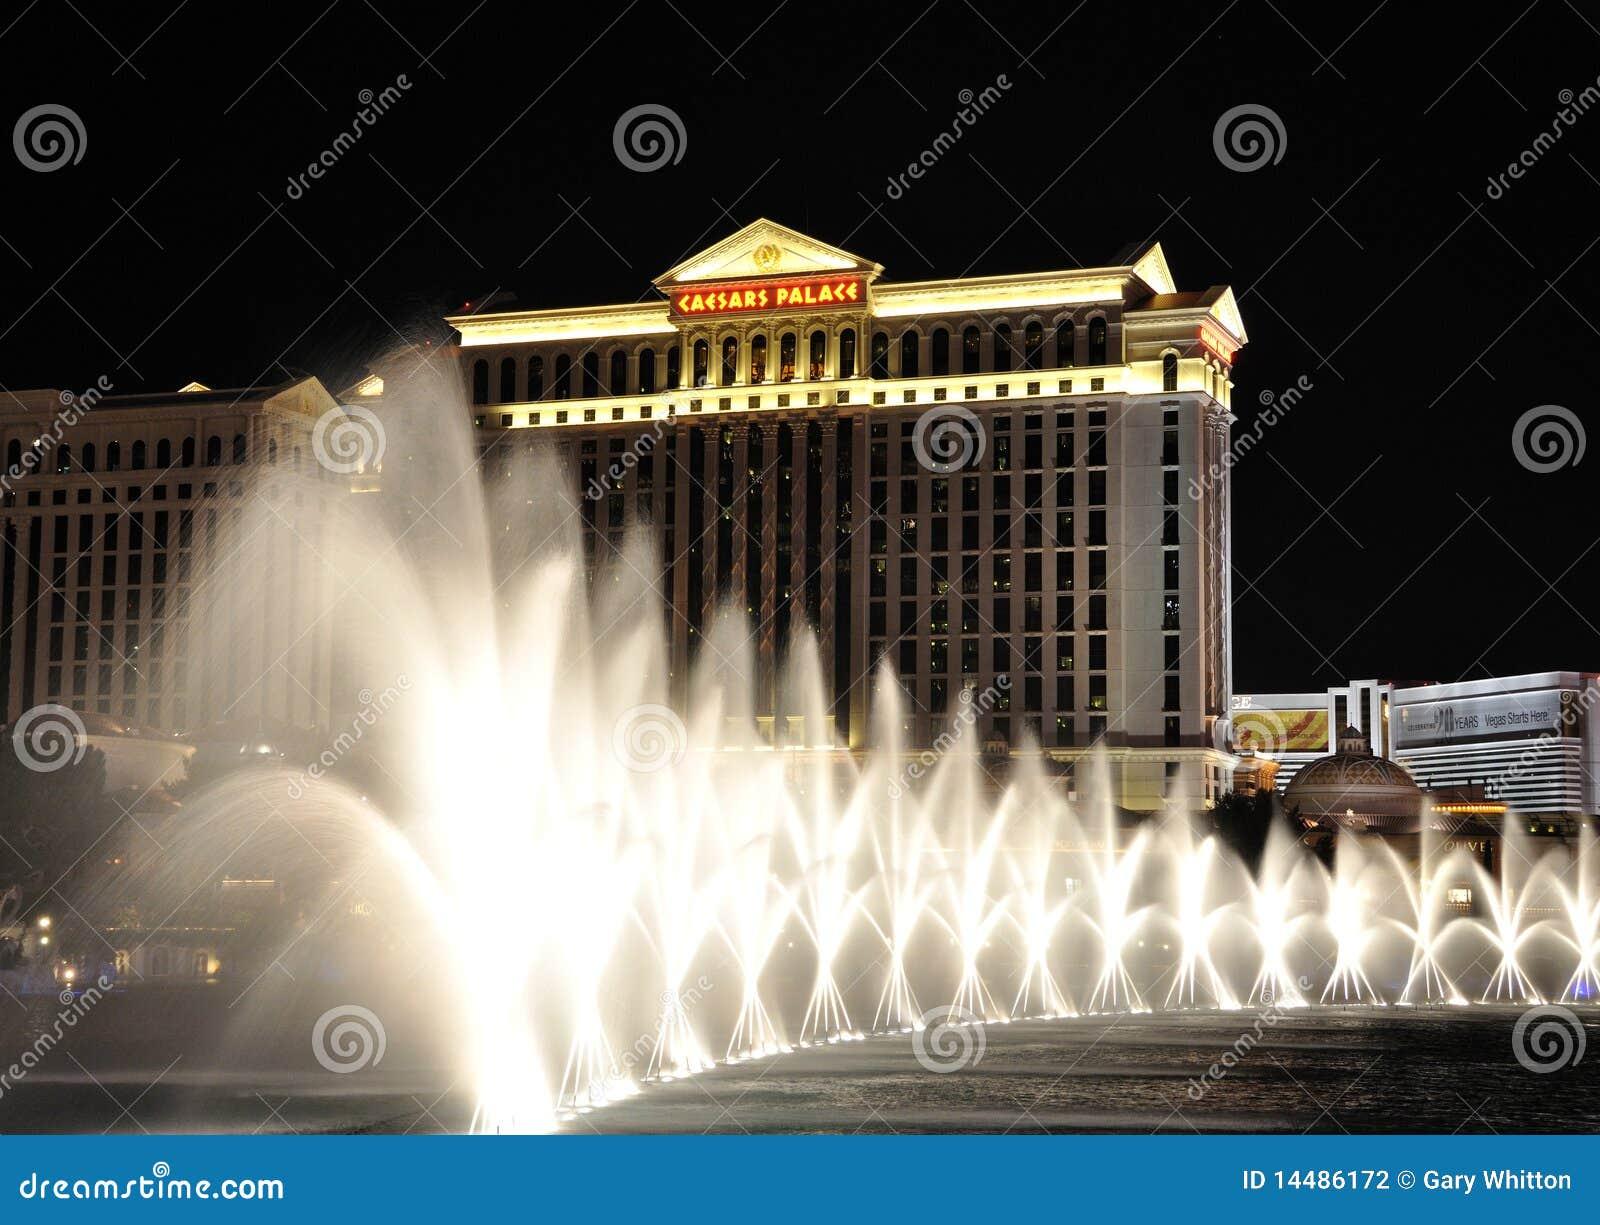 caesars palace online casino kostenlos spielen deutsch